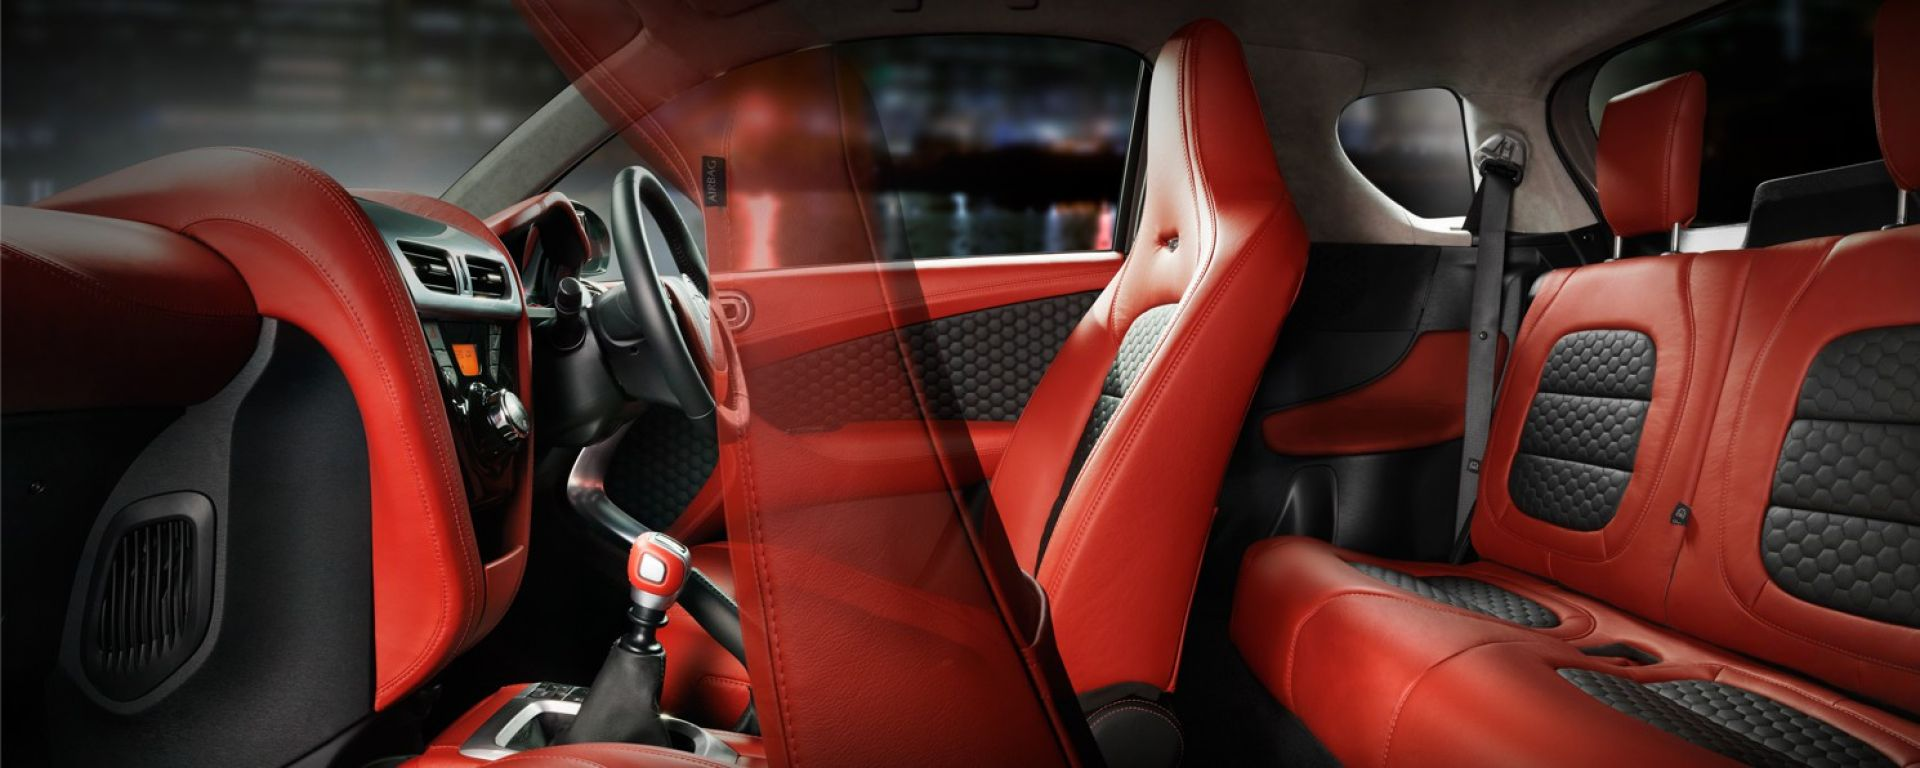 Tutte le Aston Martin Cygnet possibili